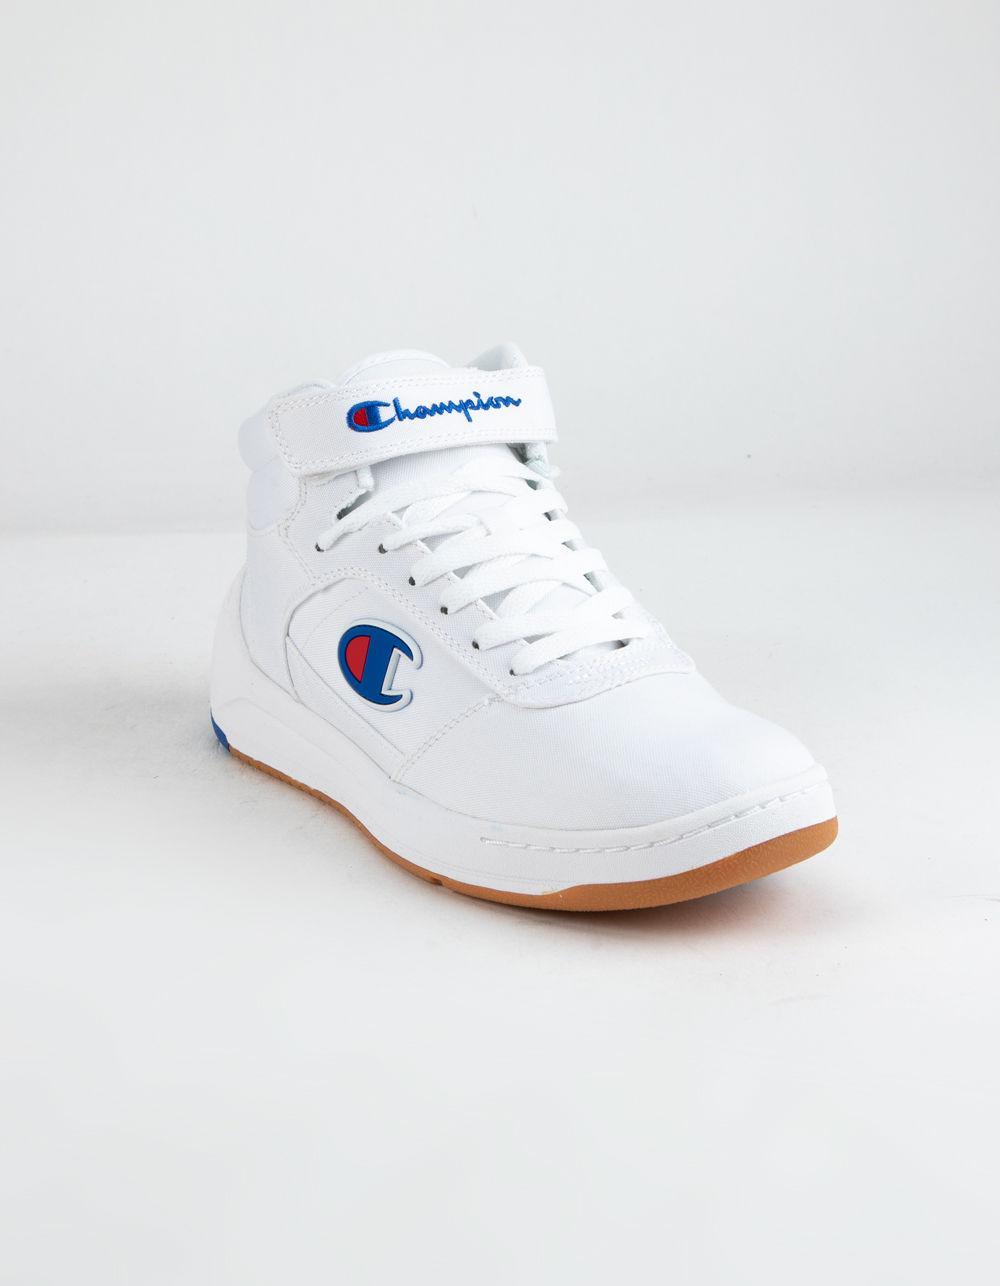 b34e19f87e9 Lyst - Champion Super C Court Mid Sneakers in White - Save 1%